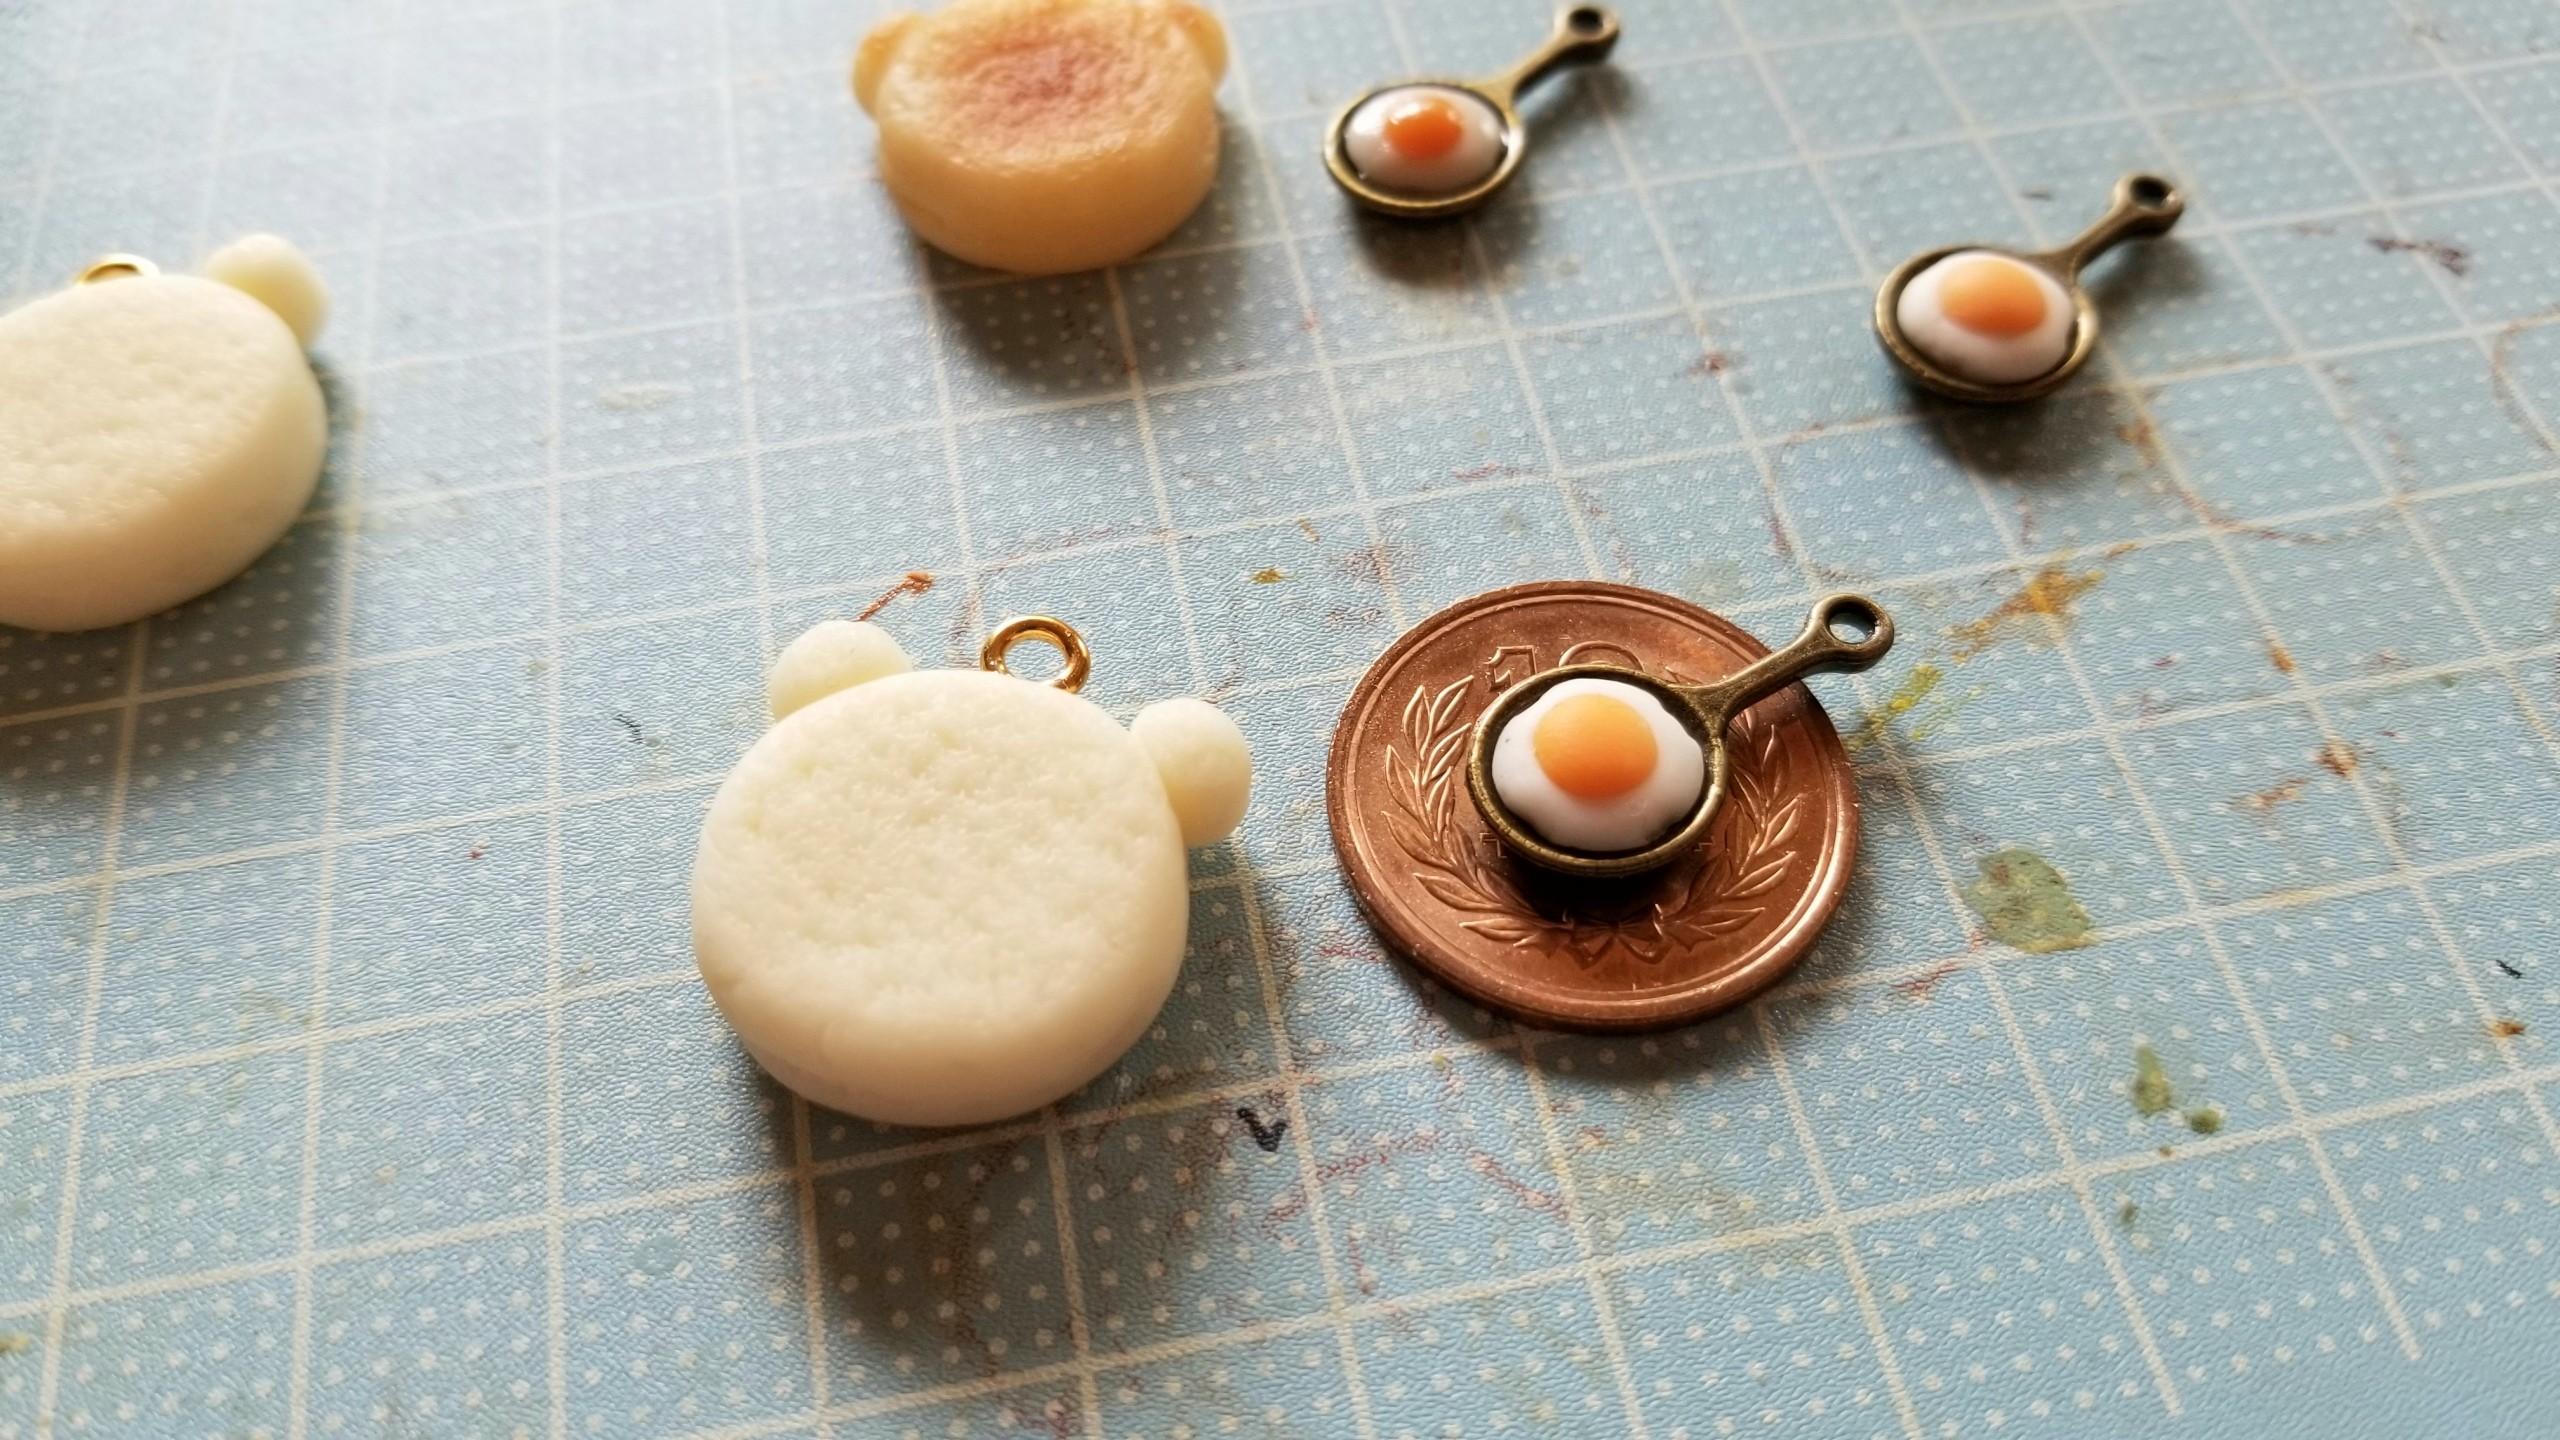 ミニチュアフードかわいいおすすめアクセサリー作り方くま携帯用小物